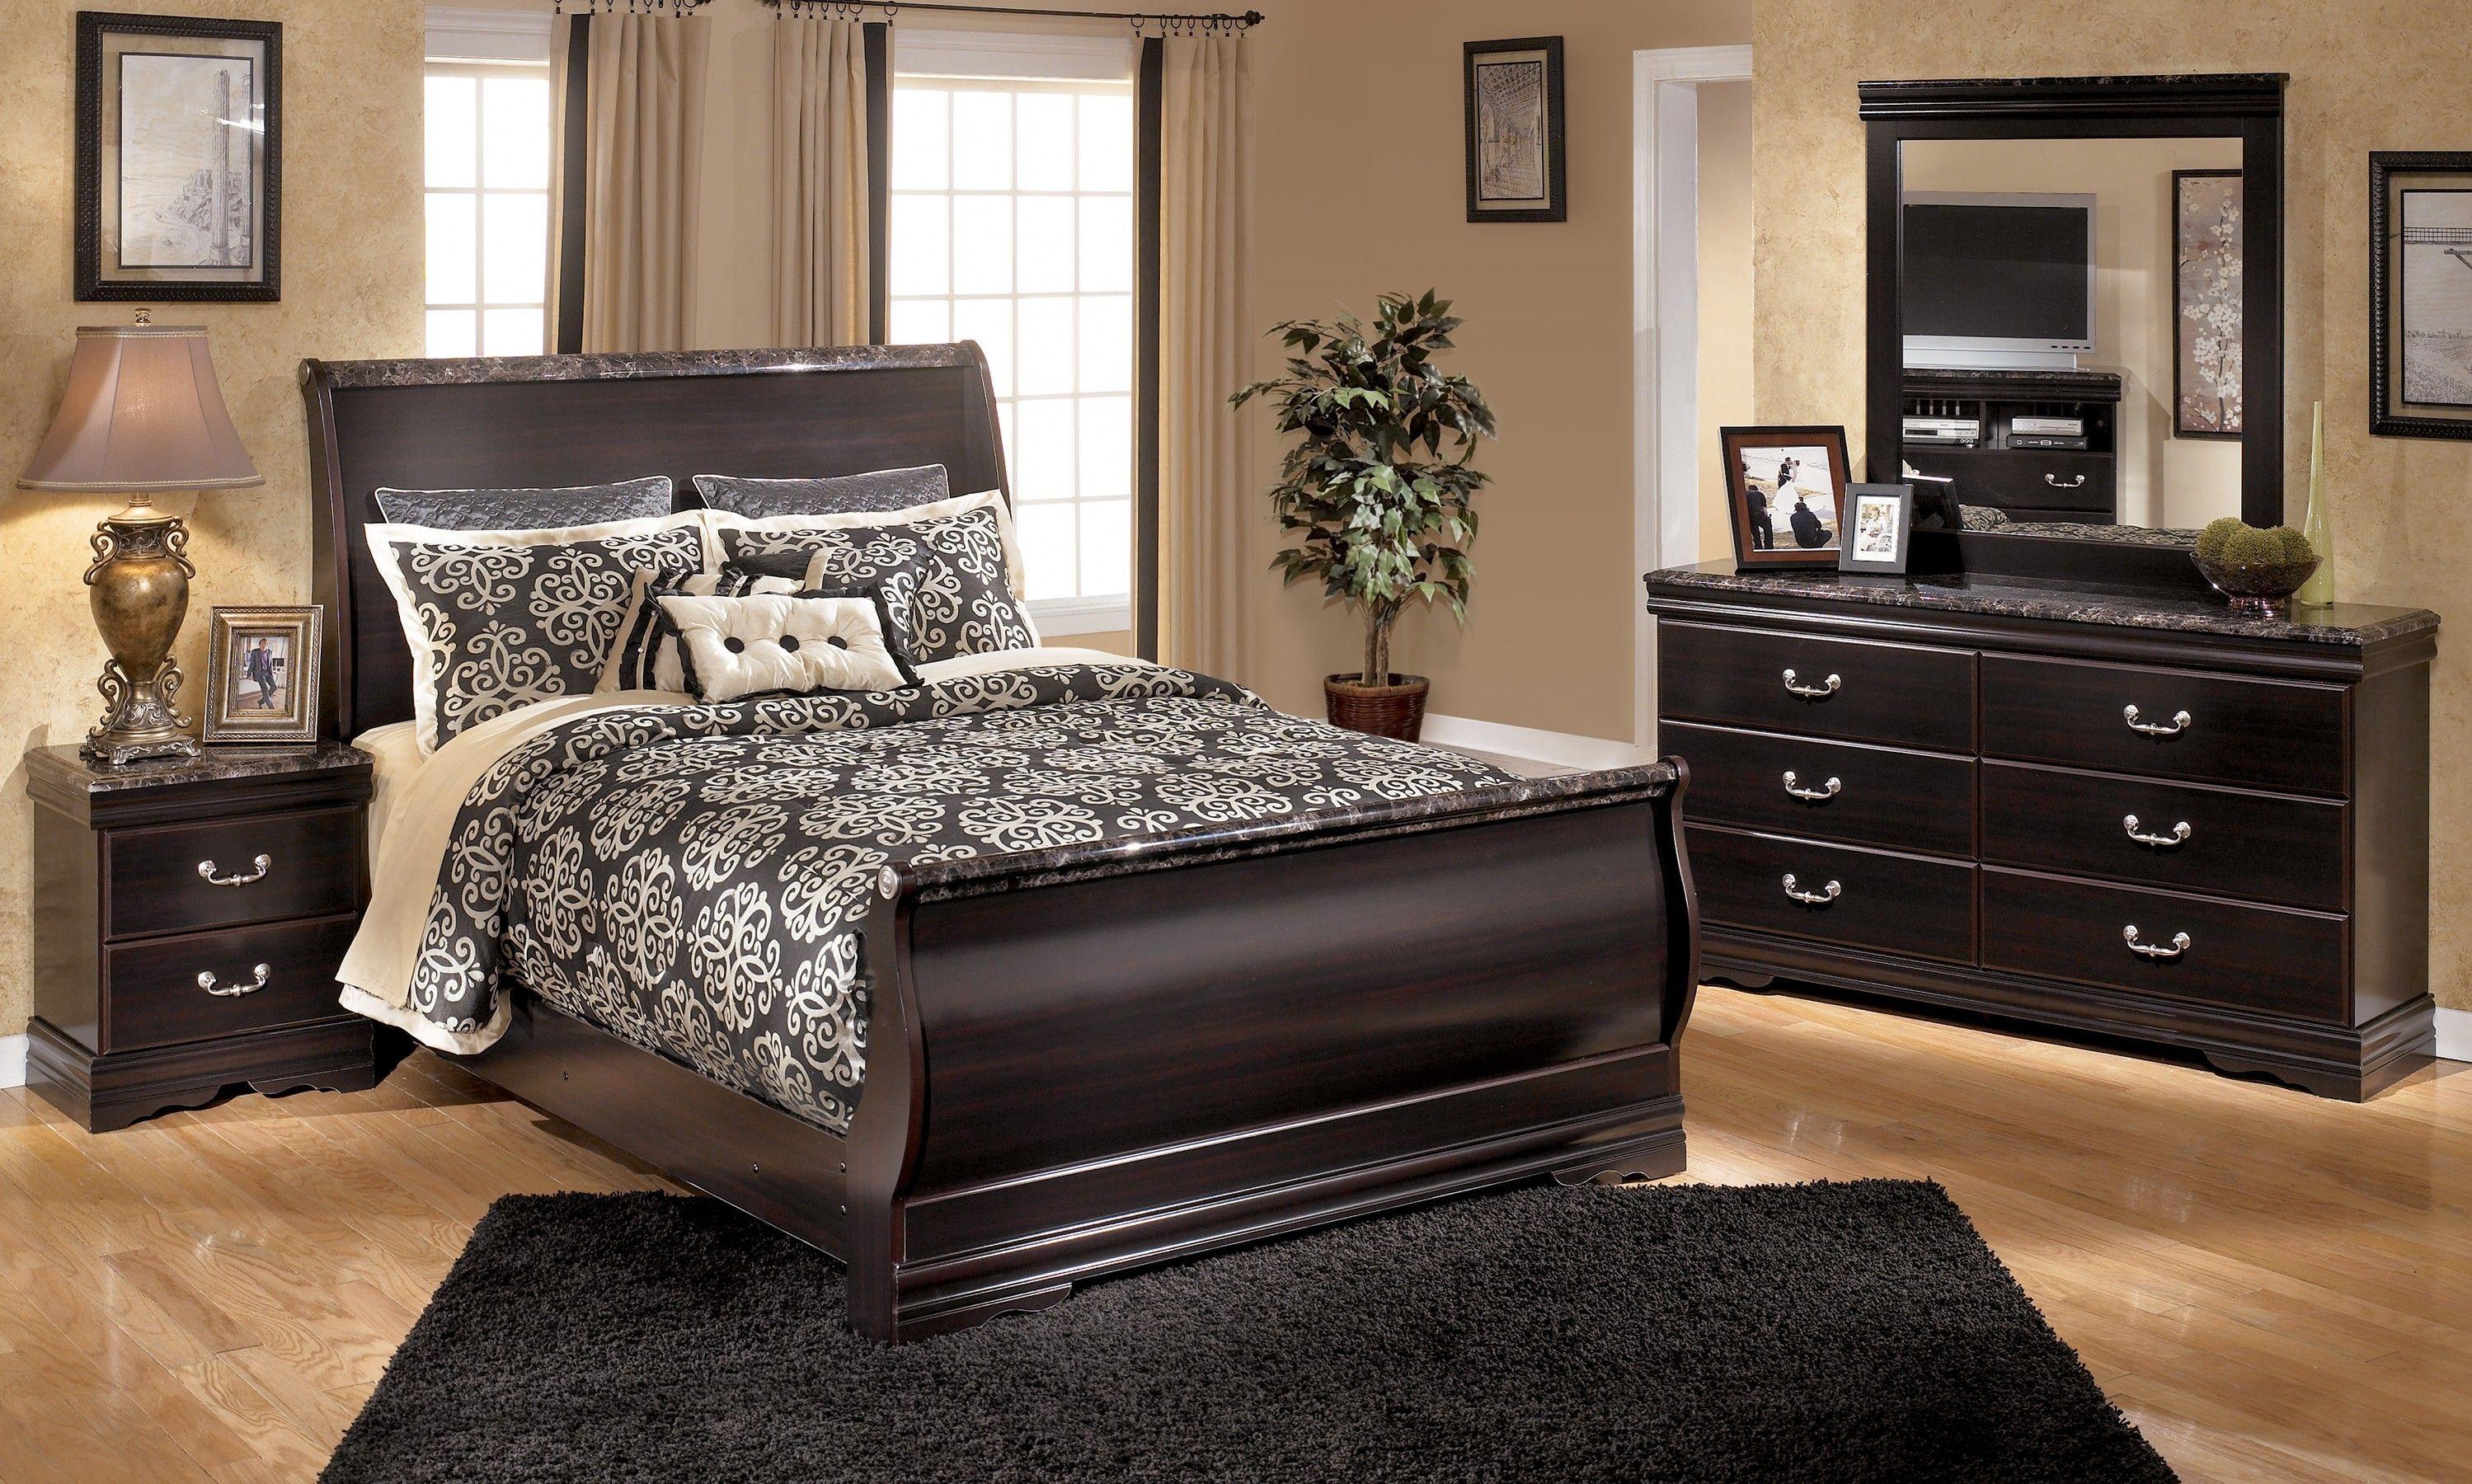 Bedroom Furniture Discounts Reviews In 2020 Luxurious Bedrooms Bedroom Interior Bedroom Sets